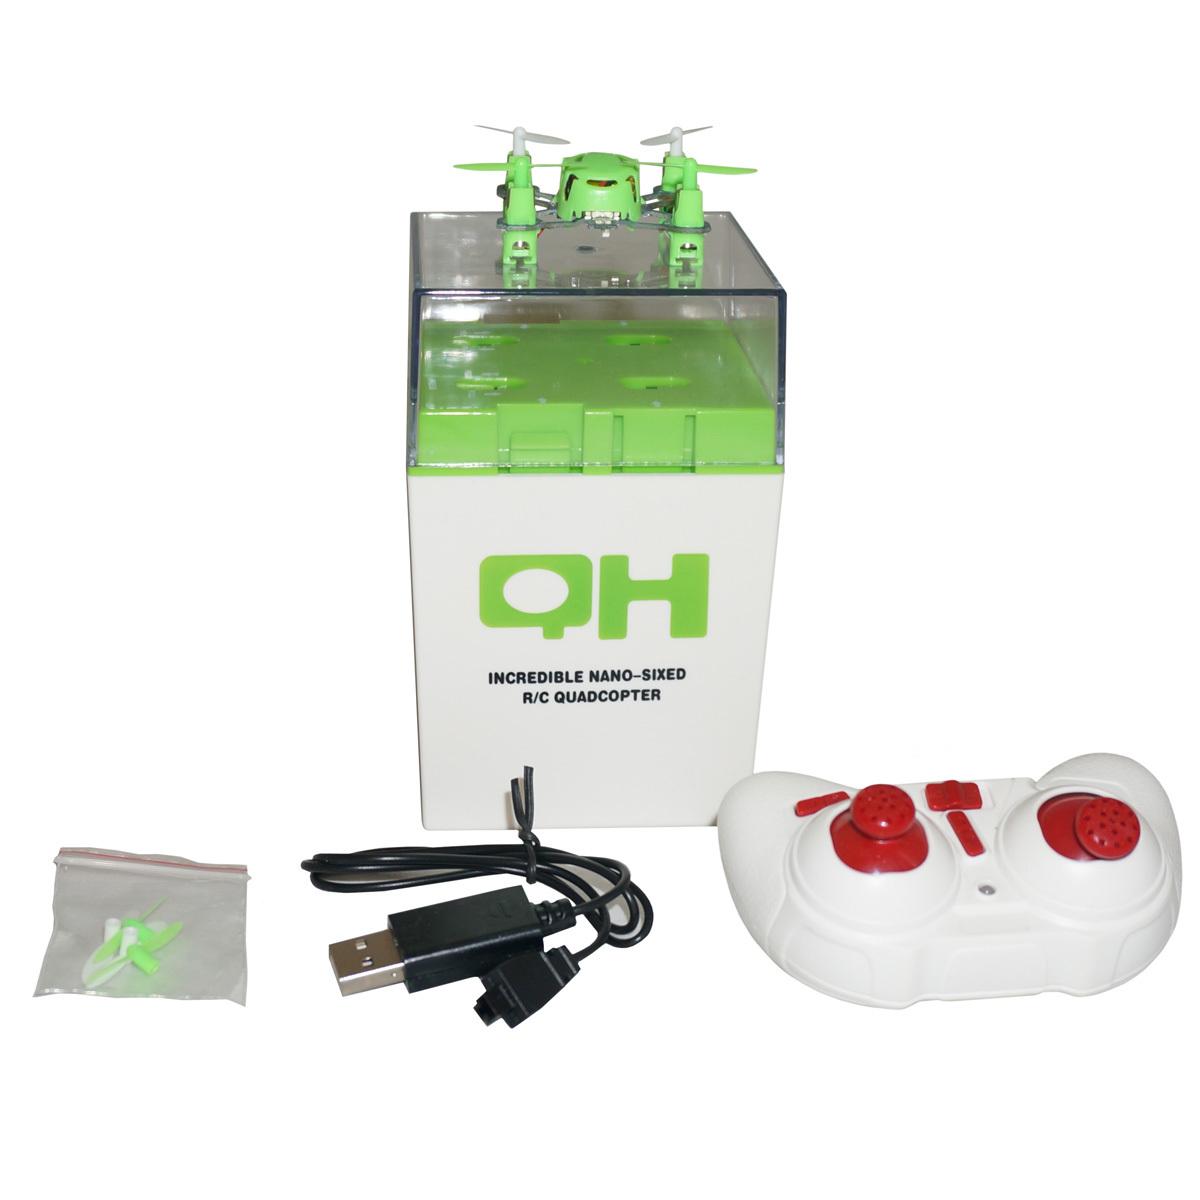 Family Fun Радиоуправляемая игрушка Квадрокоптер. Мини, цвет зеленыйGHD178398_greenСоздатели современных игрушек не перестают удивлять! Представляем Вашему вниманию Квадрокоптер мини. Радиоуправляемая игрушка нового поколения. Особенности игрушки: Аппаратура управления может быть настроена на 3 режима: для новичка, средний и для продвинутых. Этот микро летательный аппарат умеет делать переворот на 360 градусов! Для этого есть специальный режим. Разработчики предусмотрели все. На крыльях квадрокоптера расположены светодиоды. Такая индикация задействована во всем: она сообщит, когда аккумулятор квадрокоптера зарядился или, когда у него заканчивается заряд. Заряжается квадрокоптер от USB, через кабель идущий в комплекте приблизительно 30 минут (+/-) 10 минут - это зависит от тока, выдаваемого зарядным устройством USB или компьютером. Время полета микролета 5-8 минут. Все зависит от интенсивности режимов. Дальность полета 20-50 метров. Рекомендовано для детей старше 8 лет.